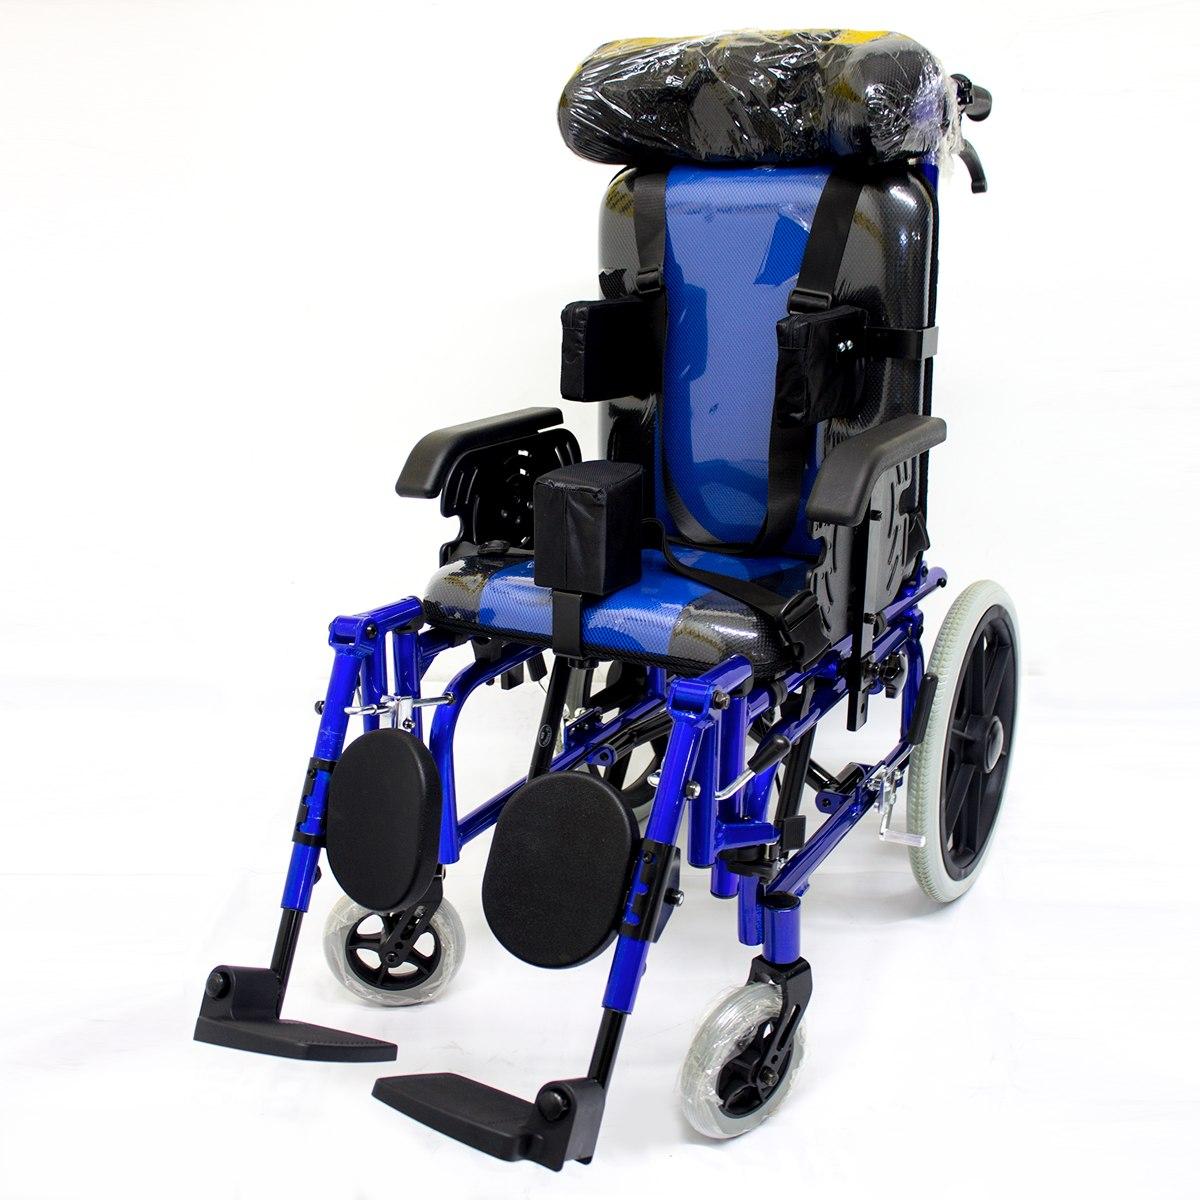 Silla de ruedas neurol gica basculable en for Silla neurologica